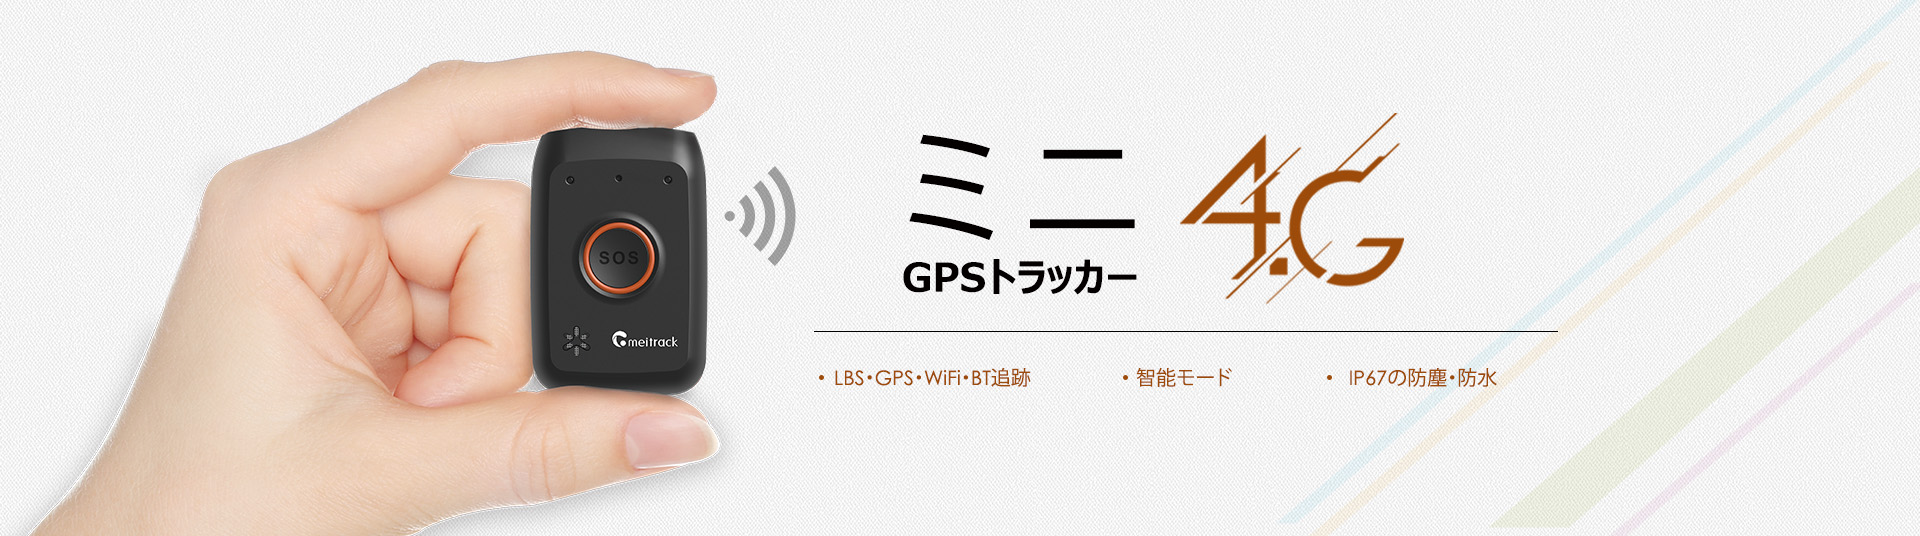 P88L-banner_JP